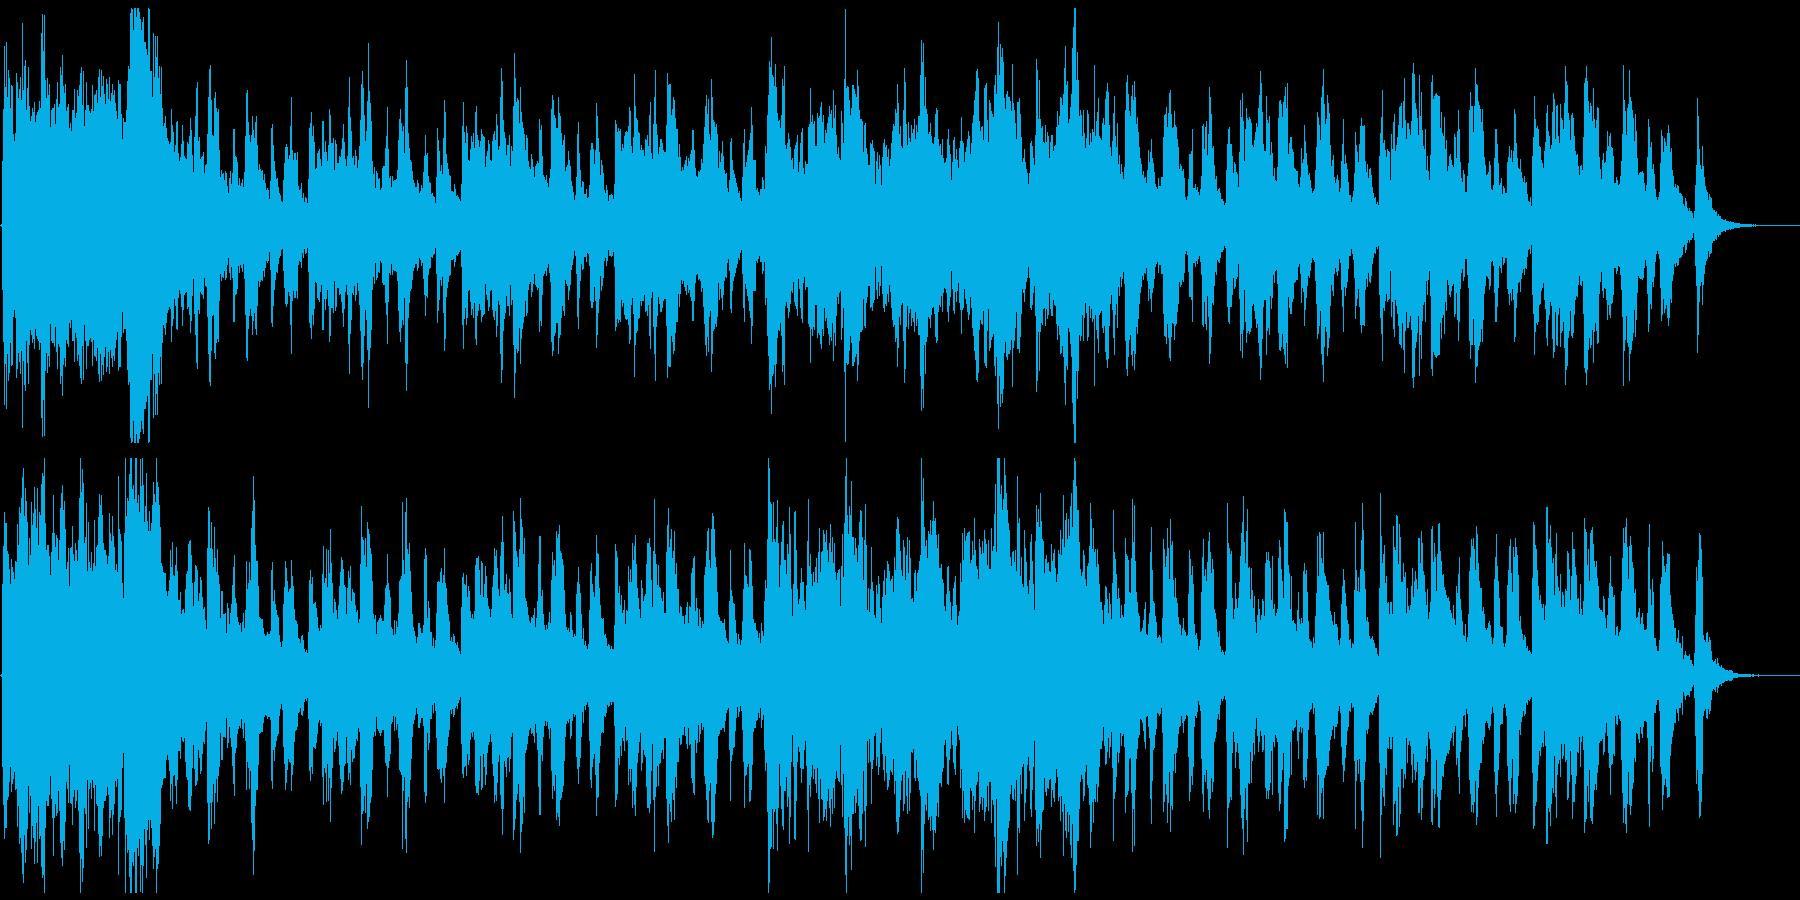 わくわくする壮大なオーケストラ曲の再生済みの波形